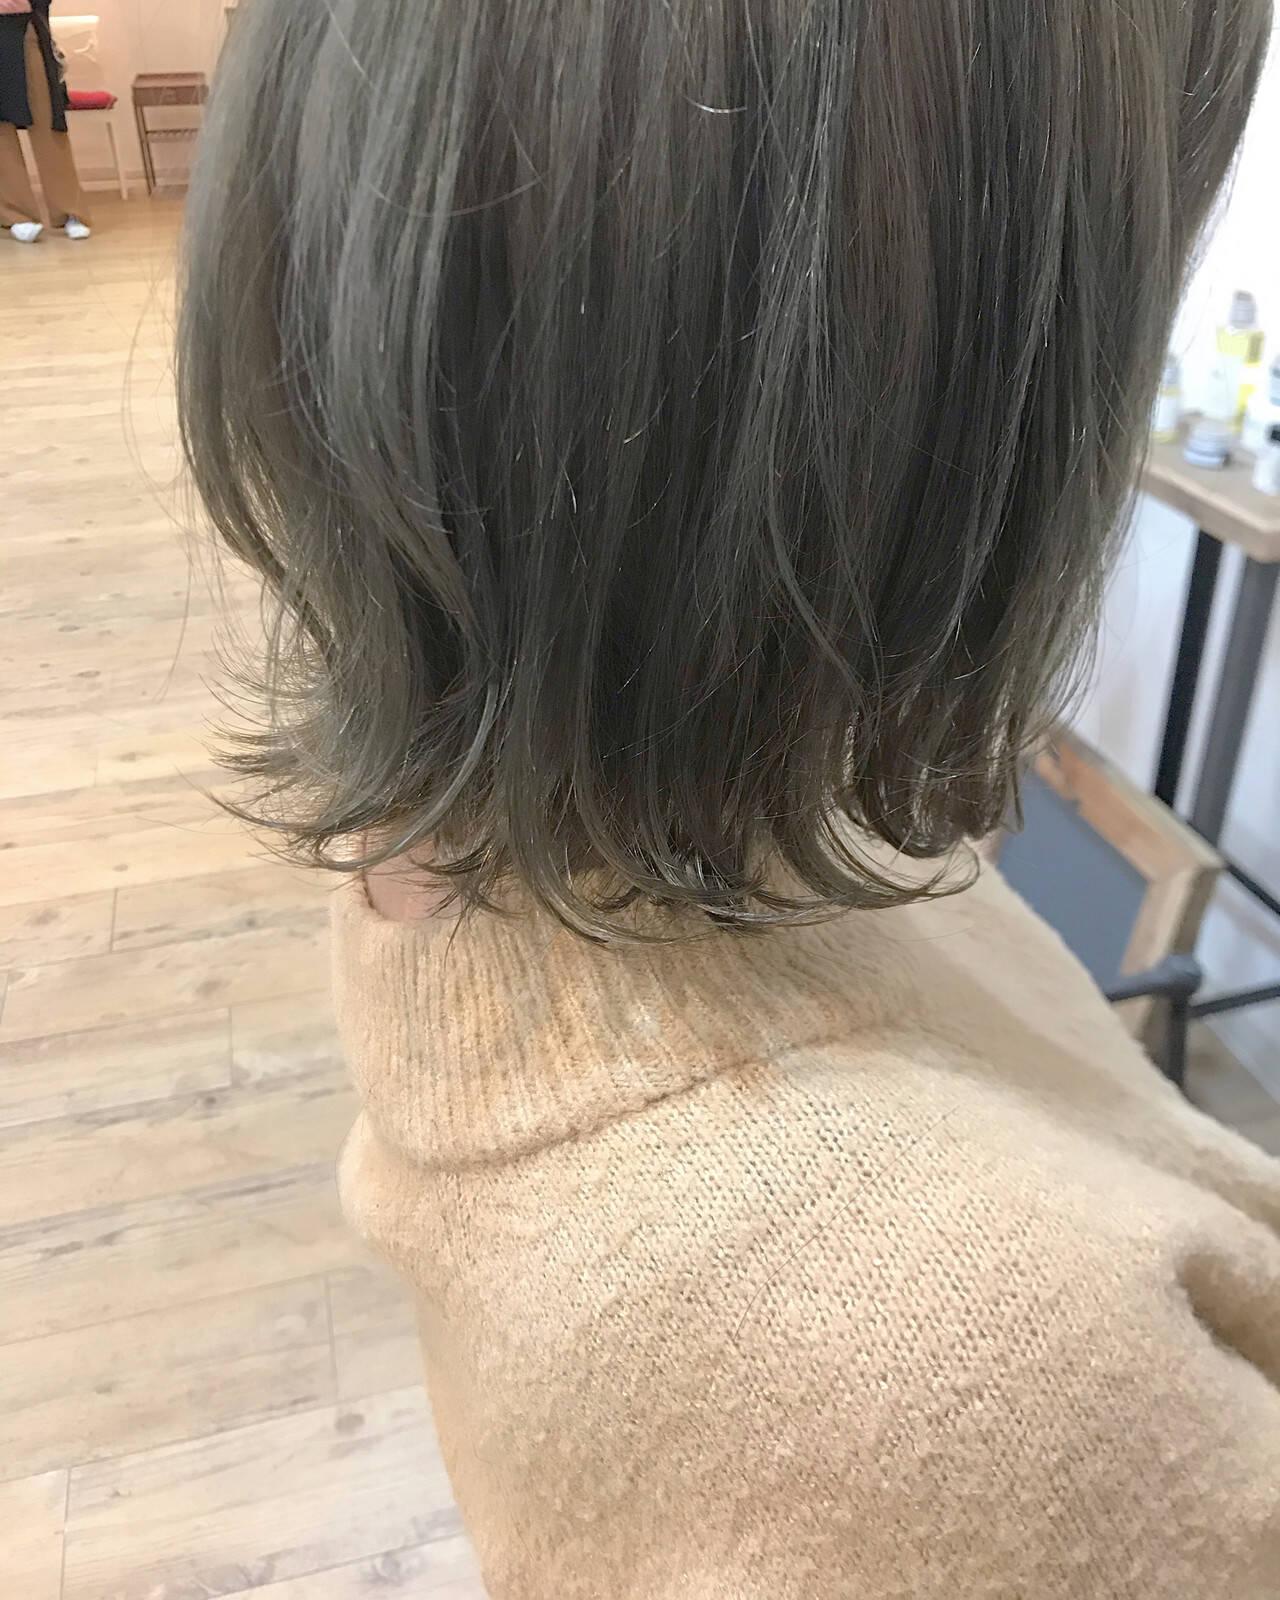 オリーブグレージュ フェミニン ミディアム カーキアッシュヘアスタイルや髪型の写真・画像